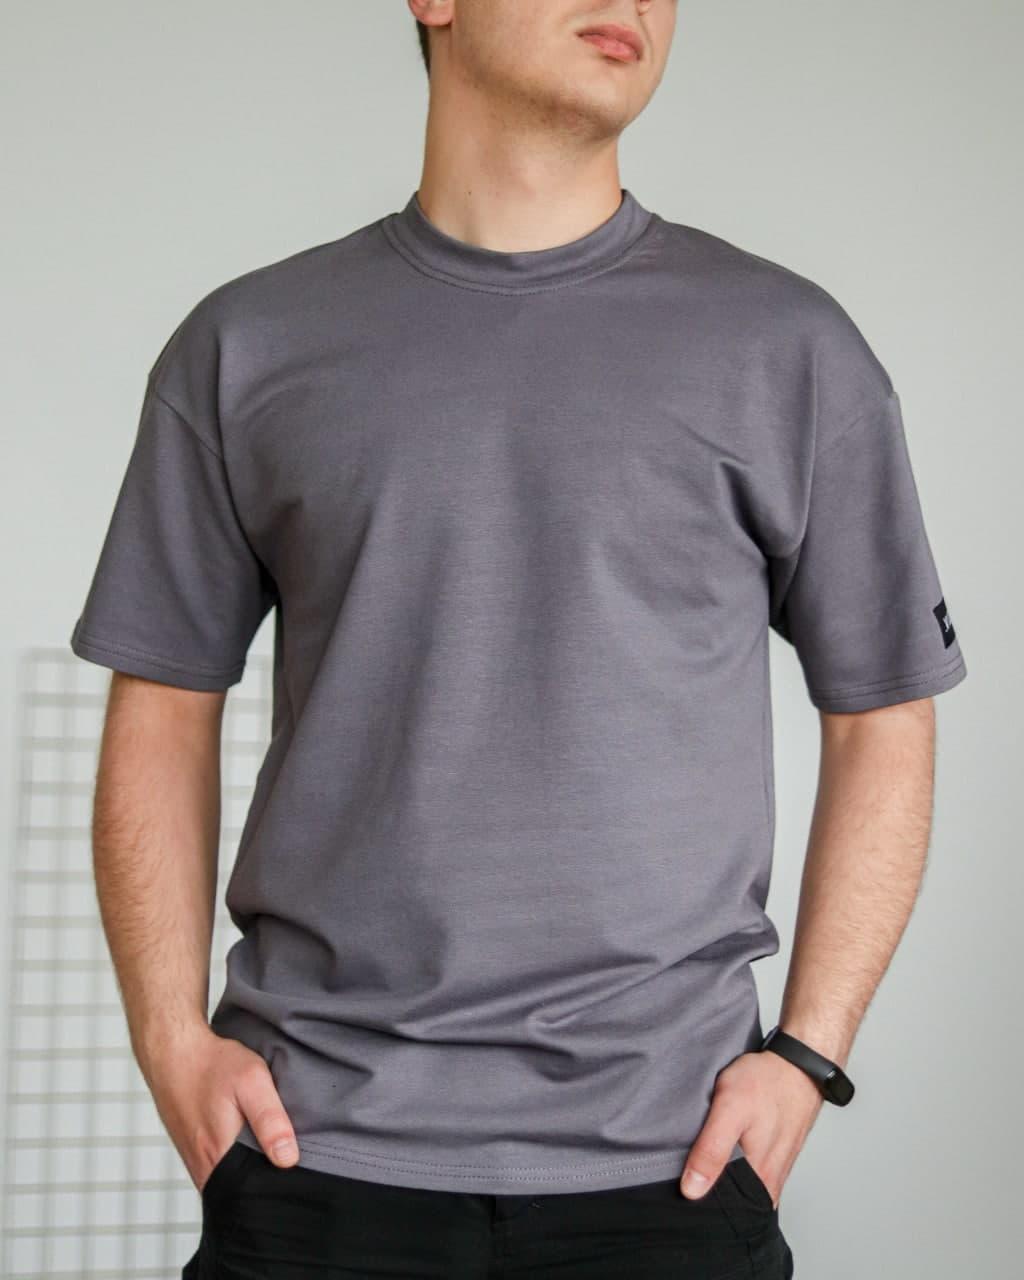 Футболка мужская базовая серого цвета